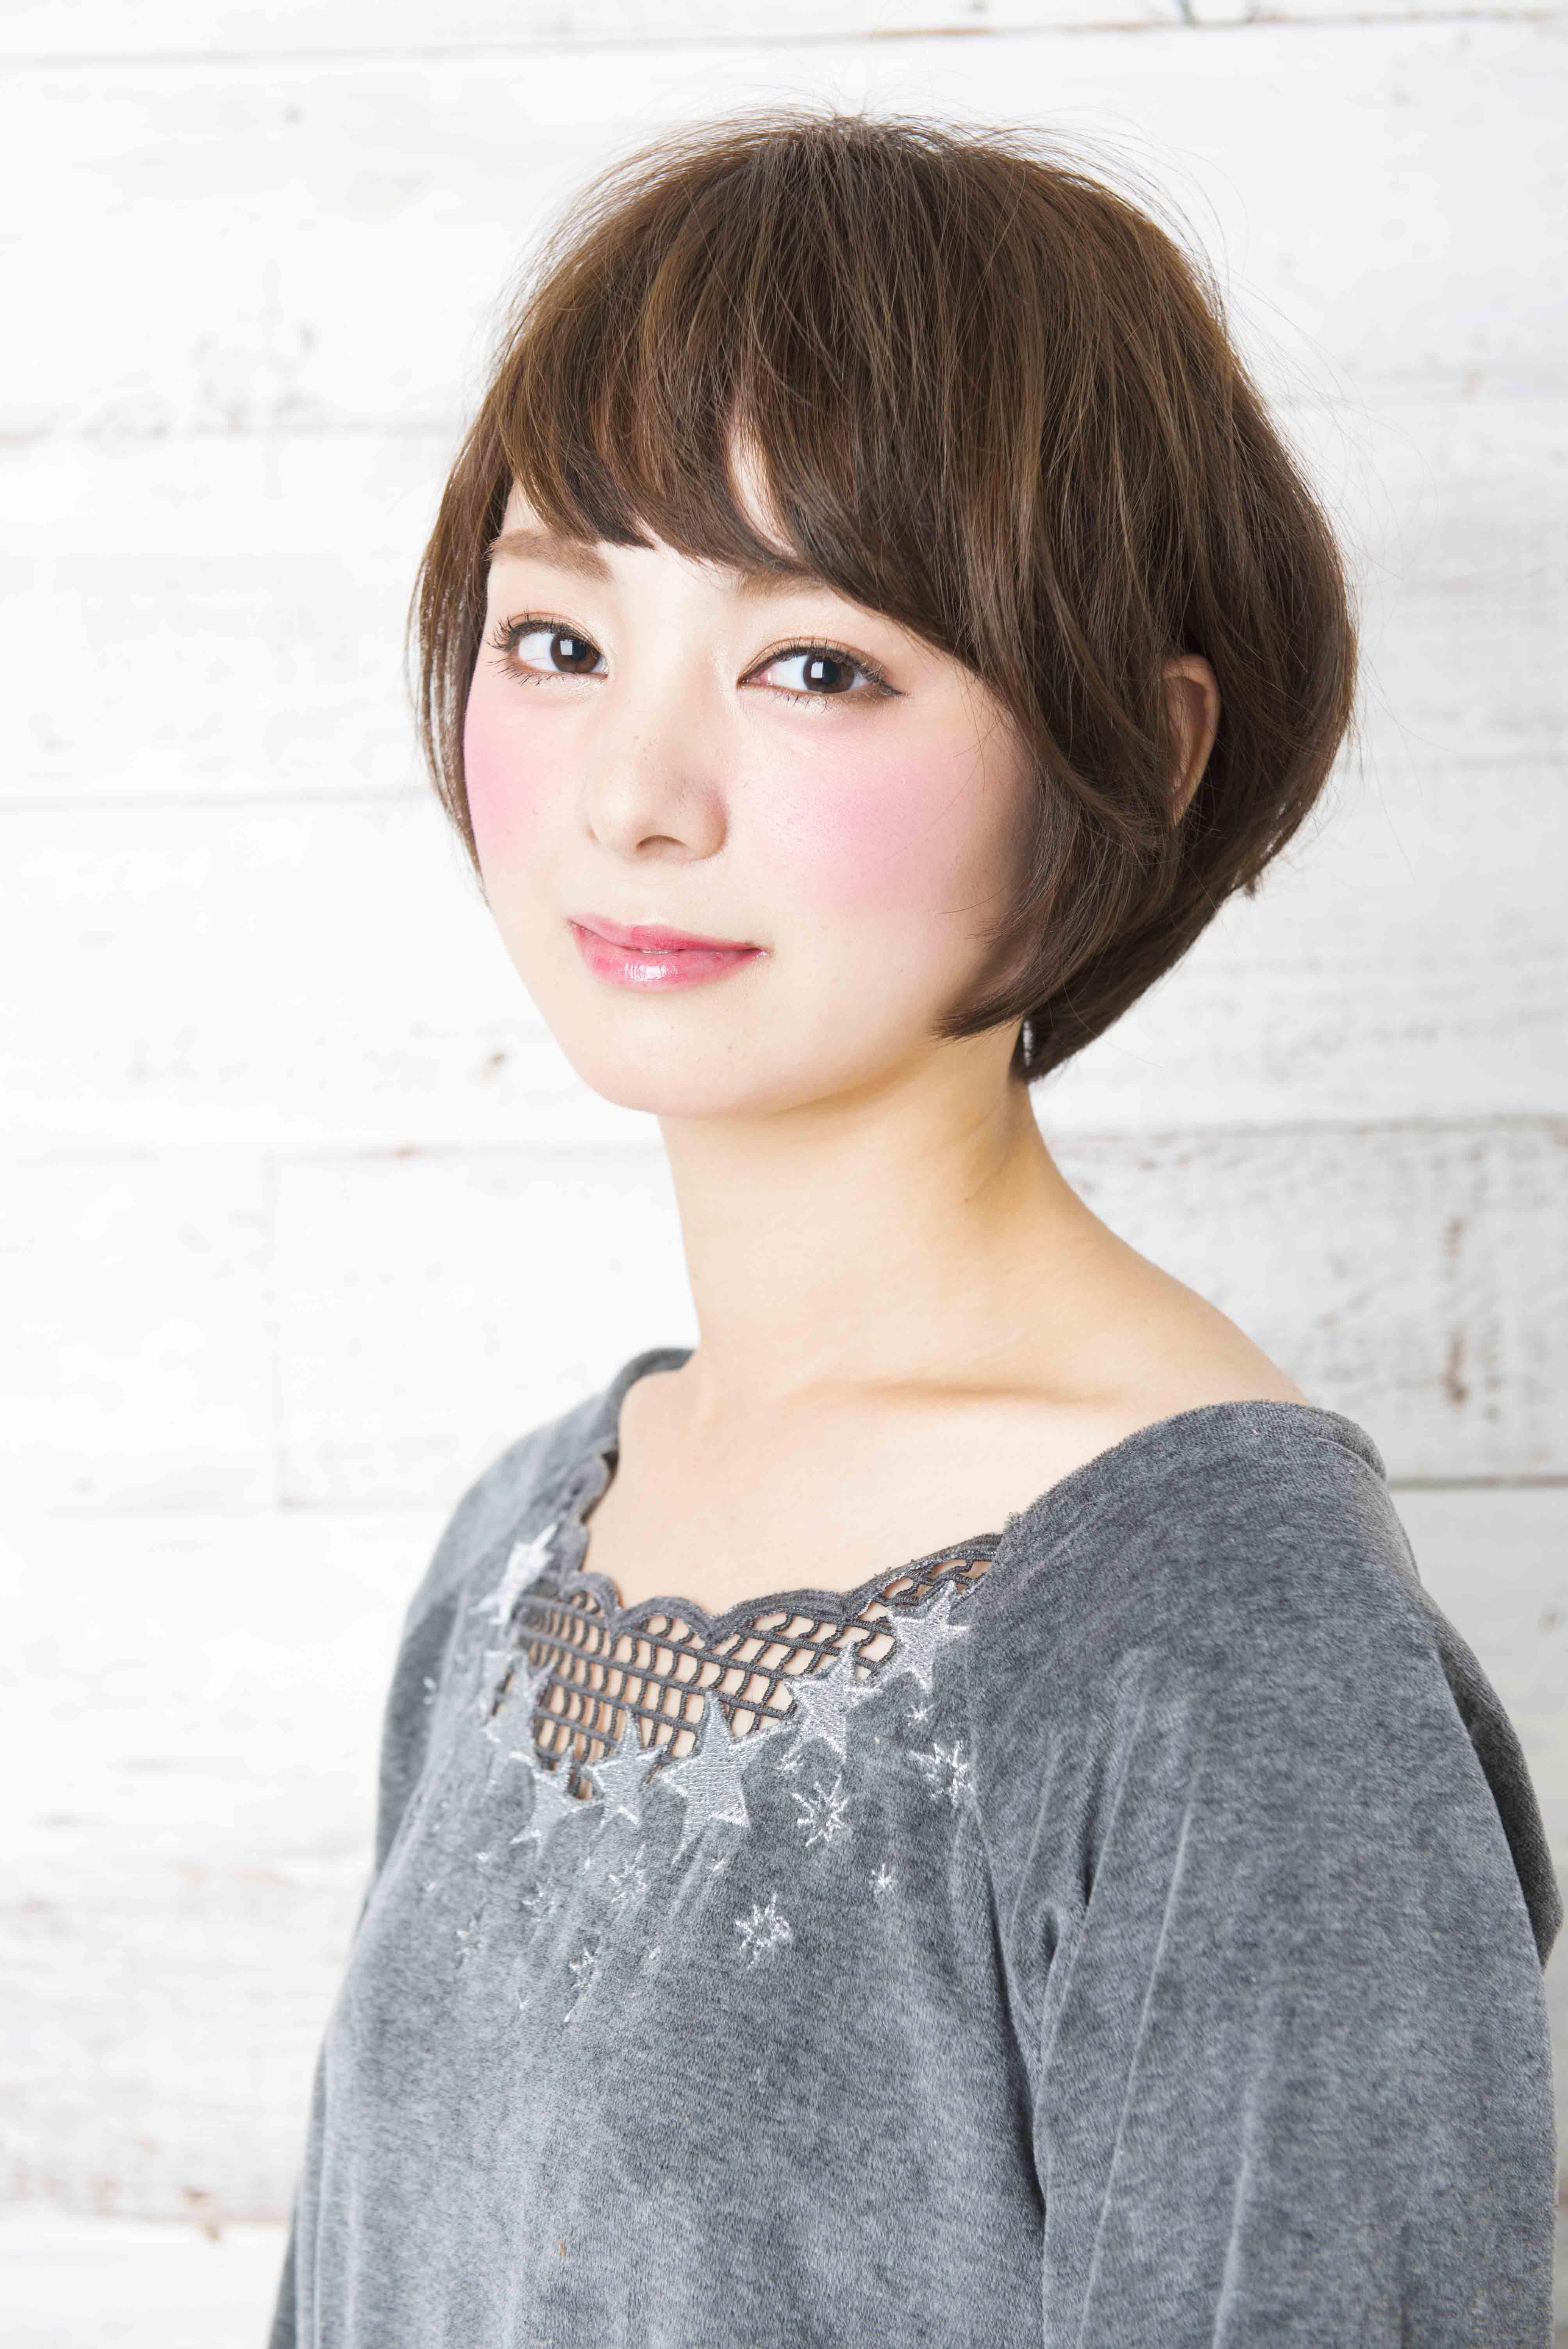 Short hair yuzo hasegawa hair designapish ふんわり柔らかな質感